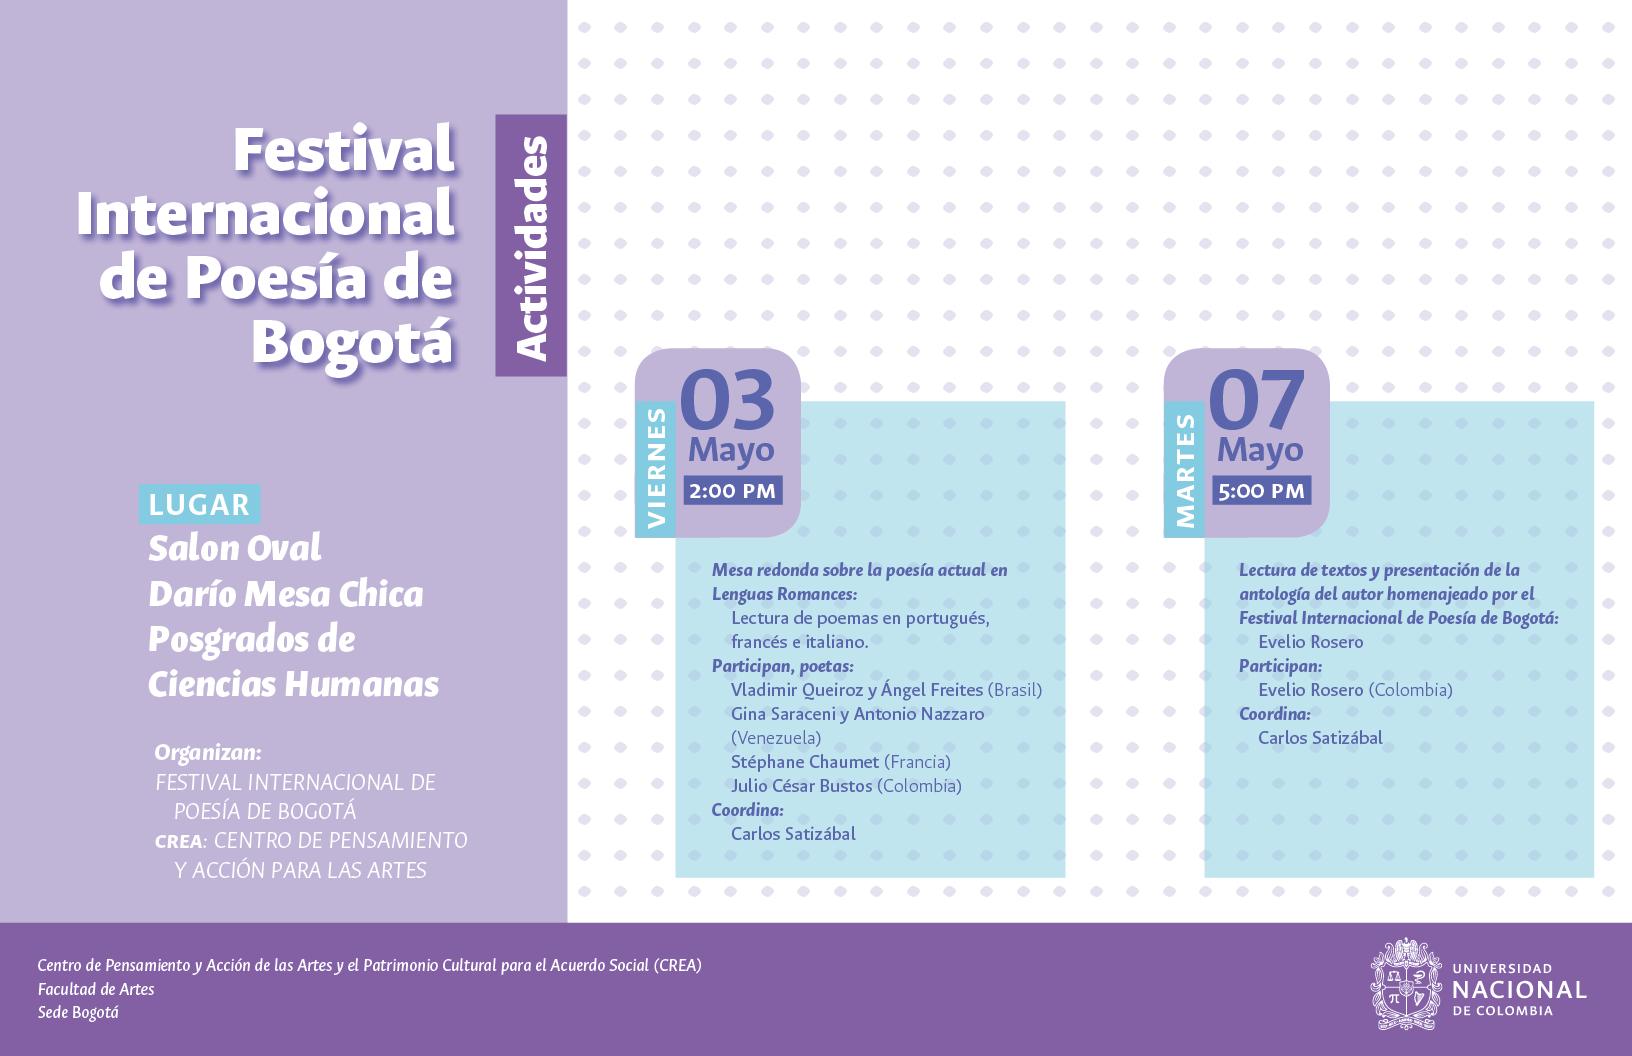 Festival Internacional de Poesía de Bogotá 2019 en la Universidad Nacional de Colombia